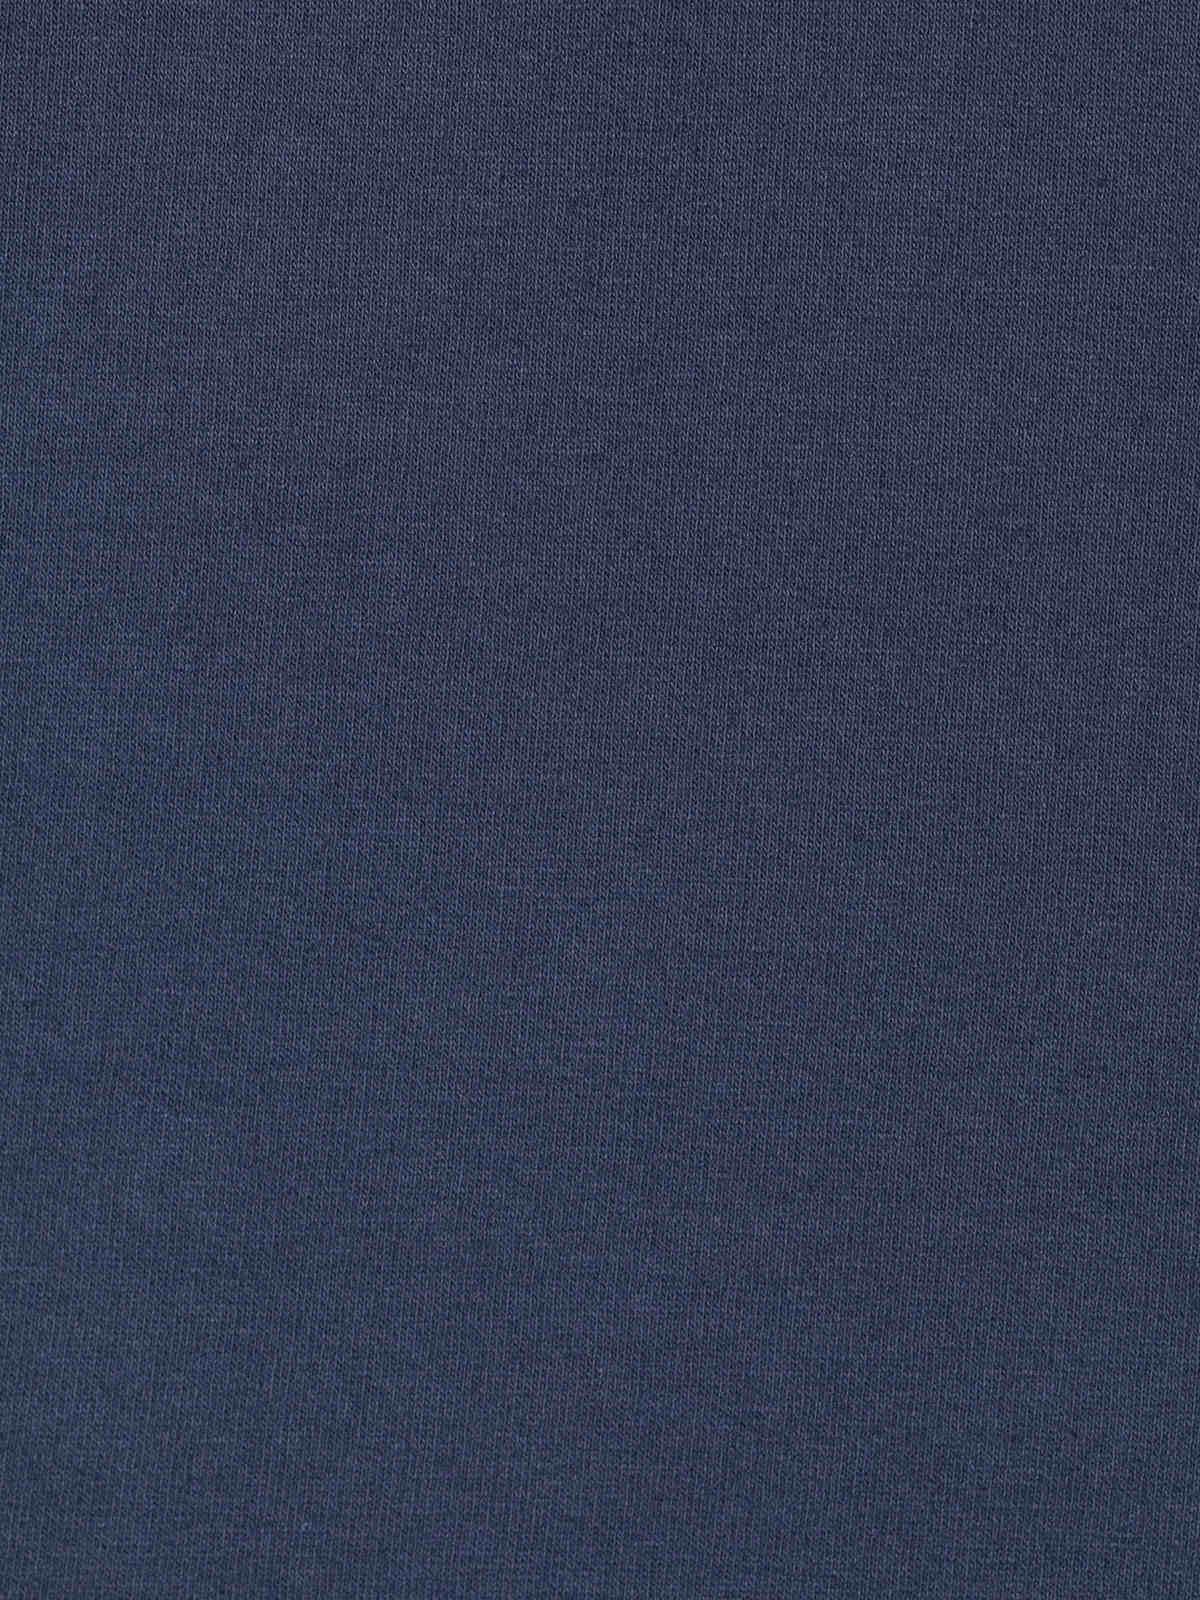 Sudadera mujer oversize raquetas retro Azul Marino